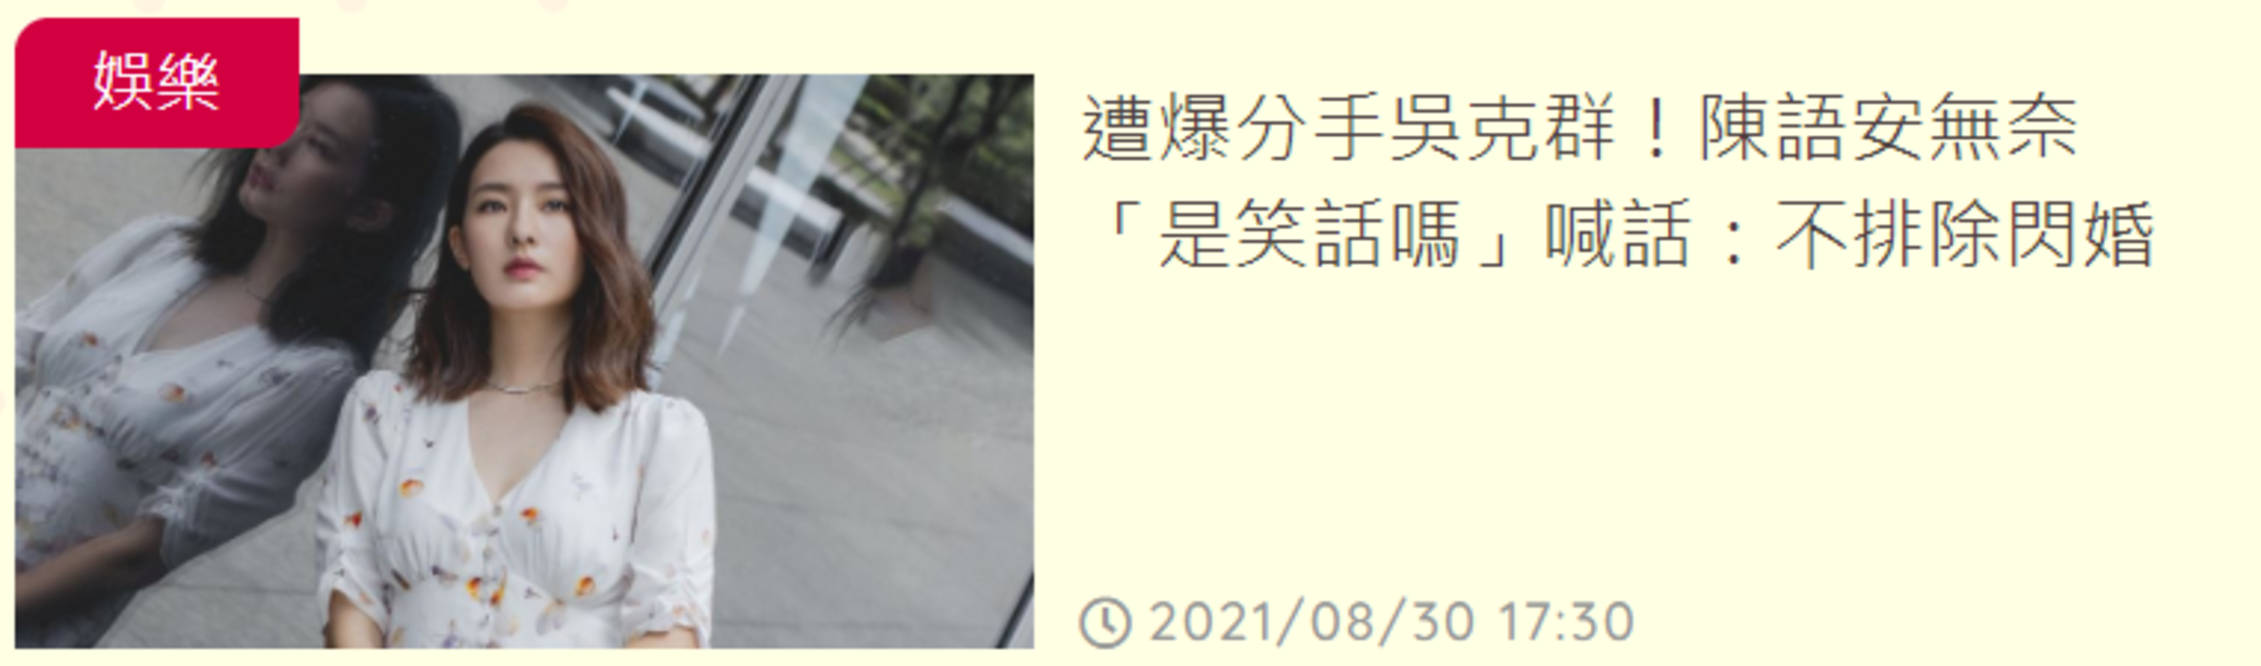 29岁的陈远很少暴露现状 下个月他将飞往大陆与吴克群见面 并大喊他的男朋友想生五胎